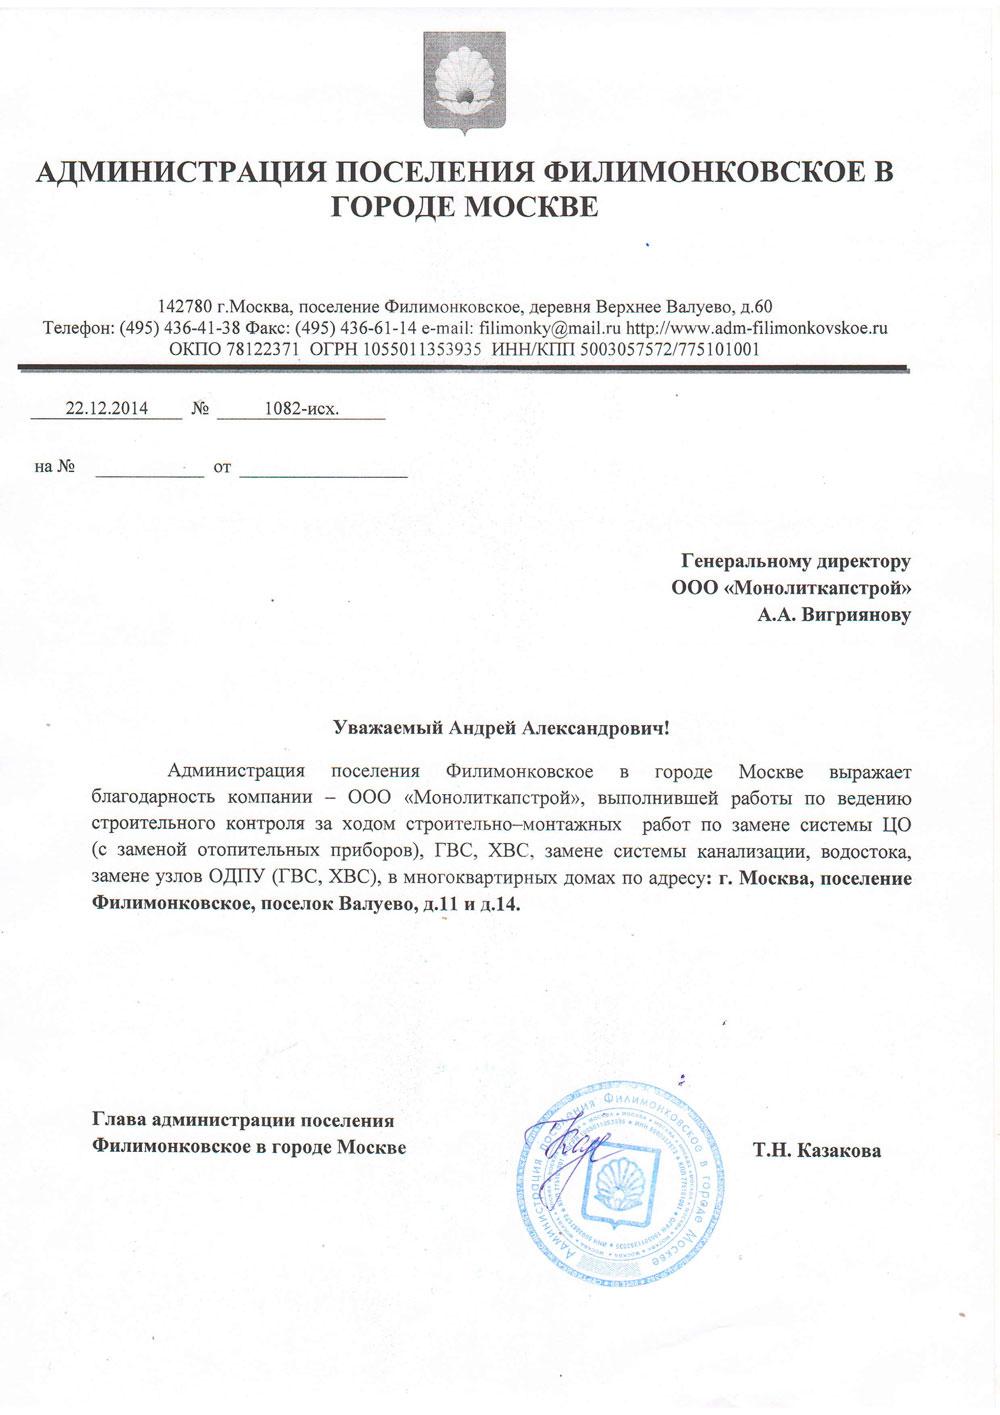 Монолиткапстрой - служба технического заказчика в строительстве